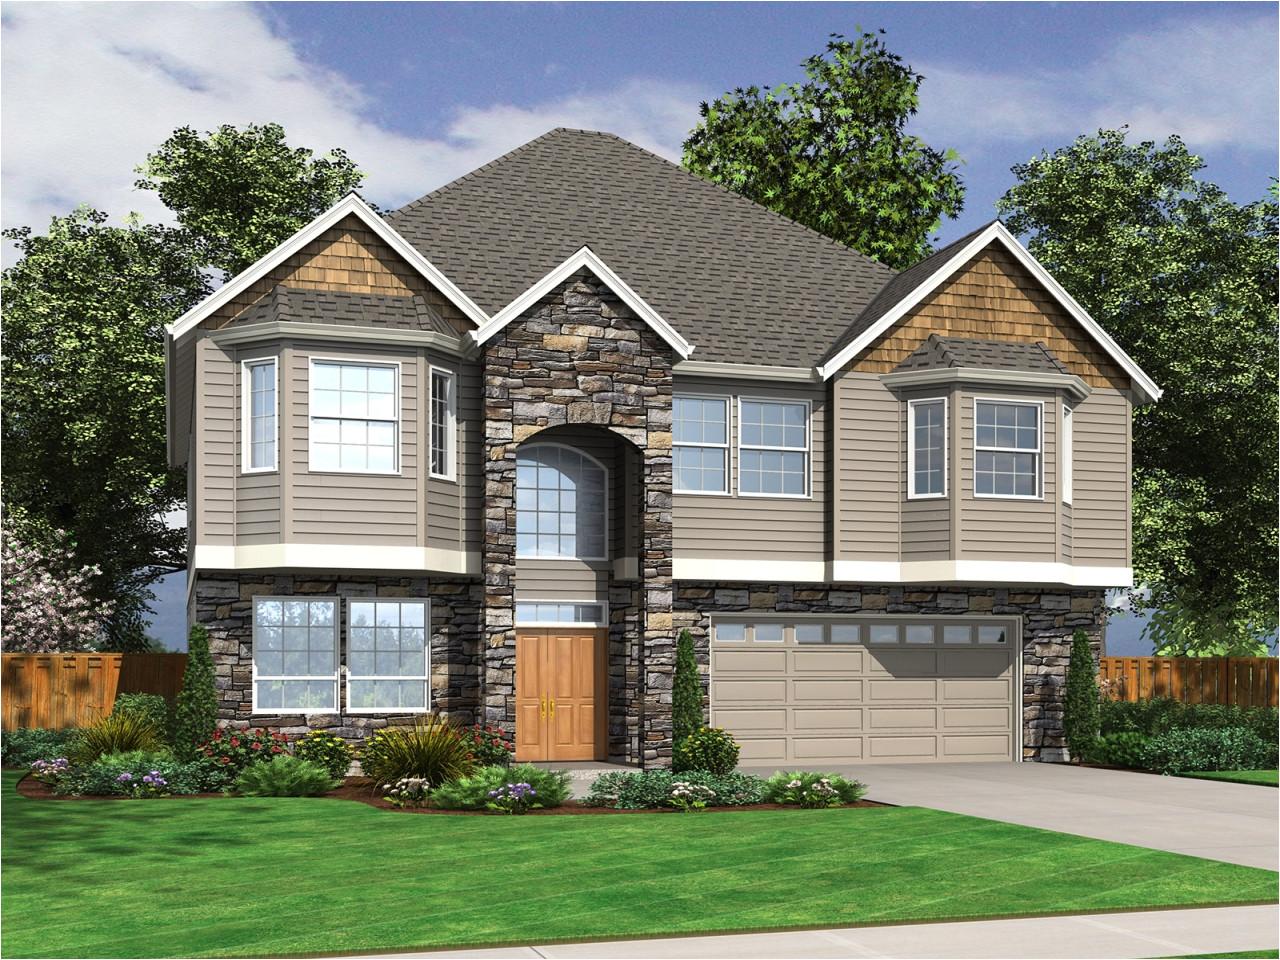 088fa4c6fd619e46 best house plans oregon modern house plans